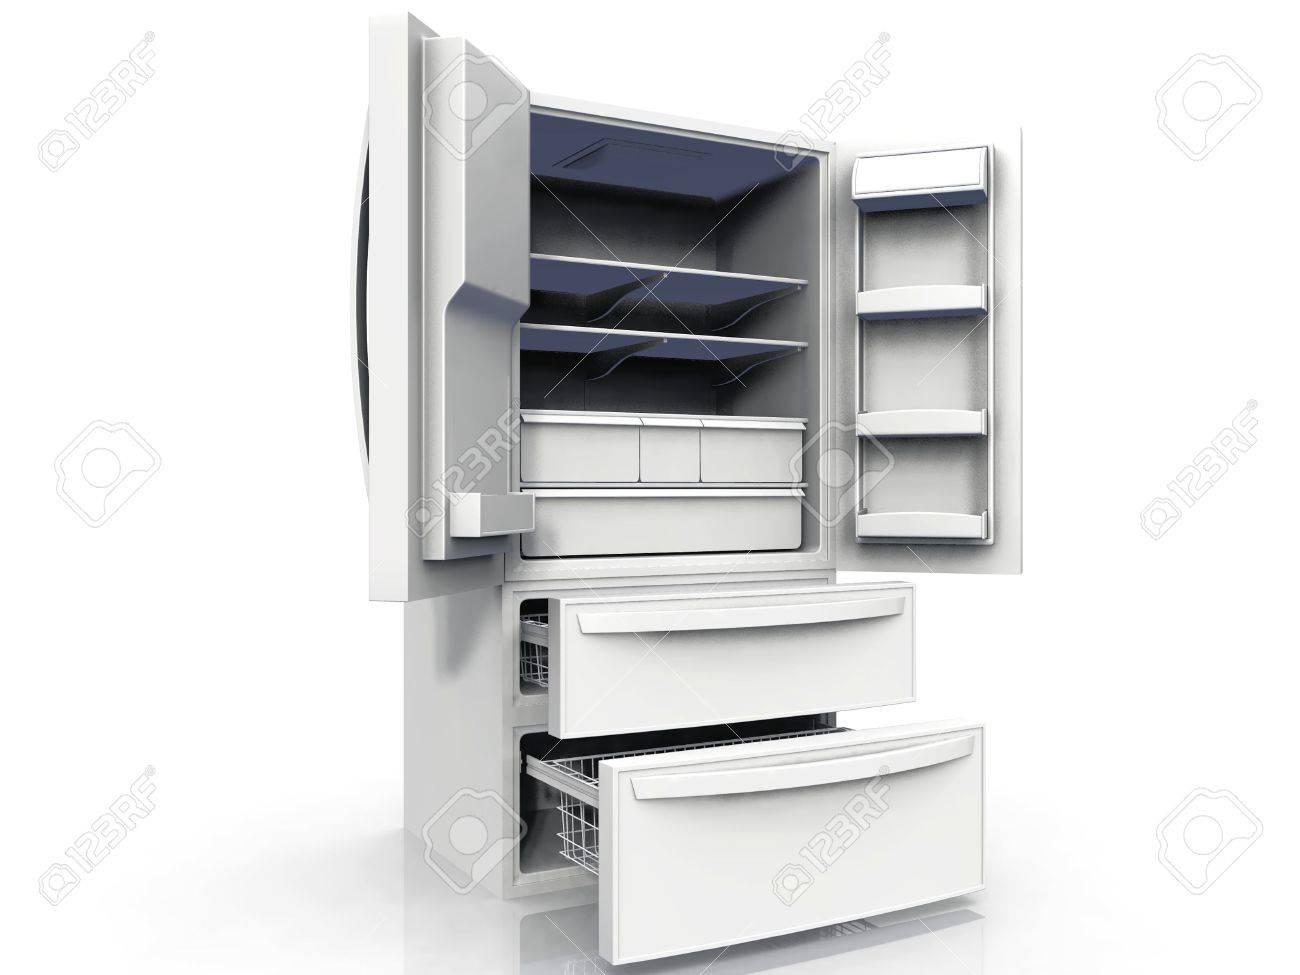 Amerikanischer Kühlschrank Günstig : Amerikanischer kühlschrank auf weißem hintergrund lizenzfreie